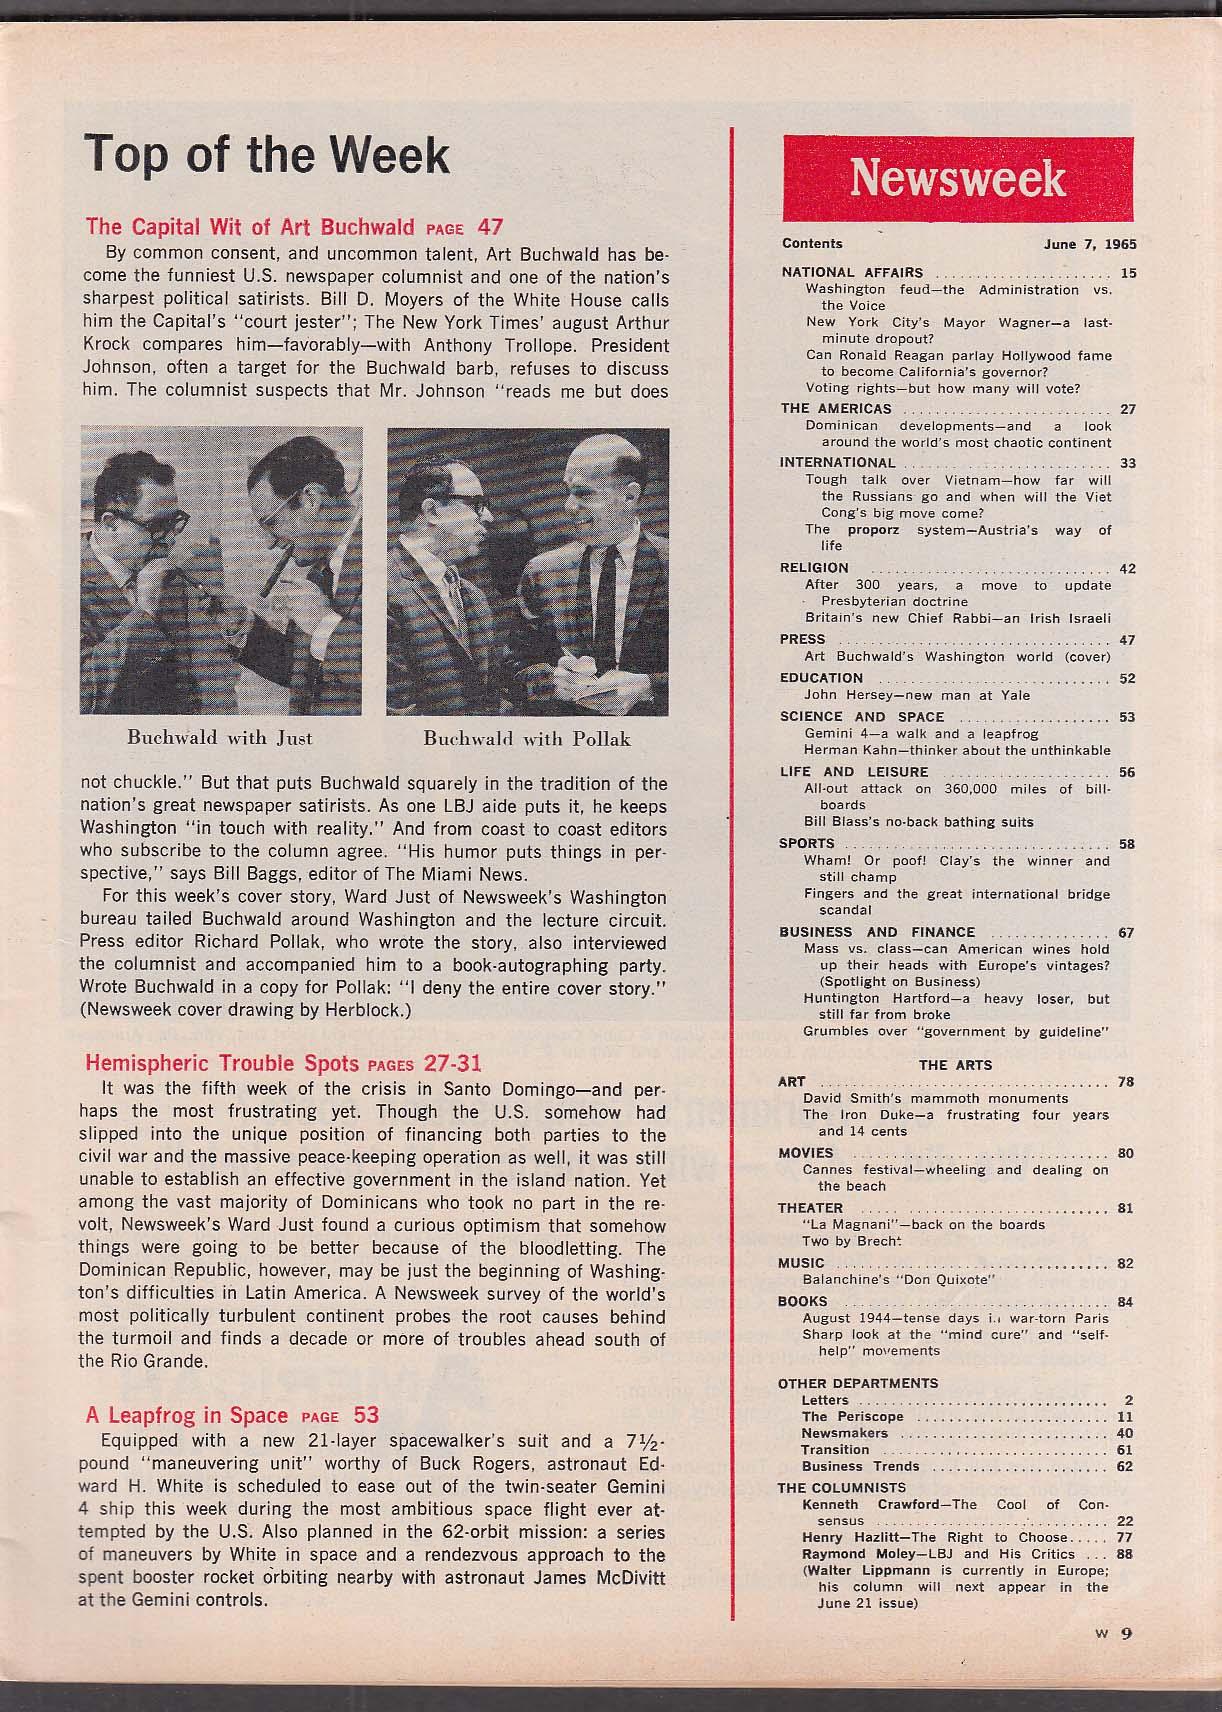 NEWSWEEK Art Buchwald Herblock cover Ronald Reagan Vietnam Gemini 4 + 6/7 1965